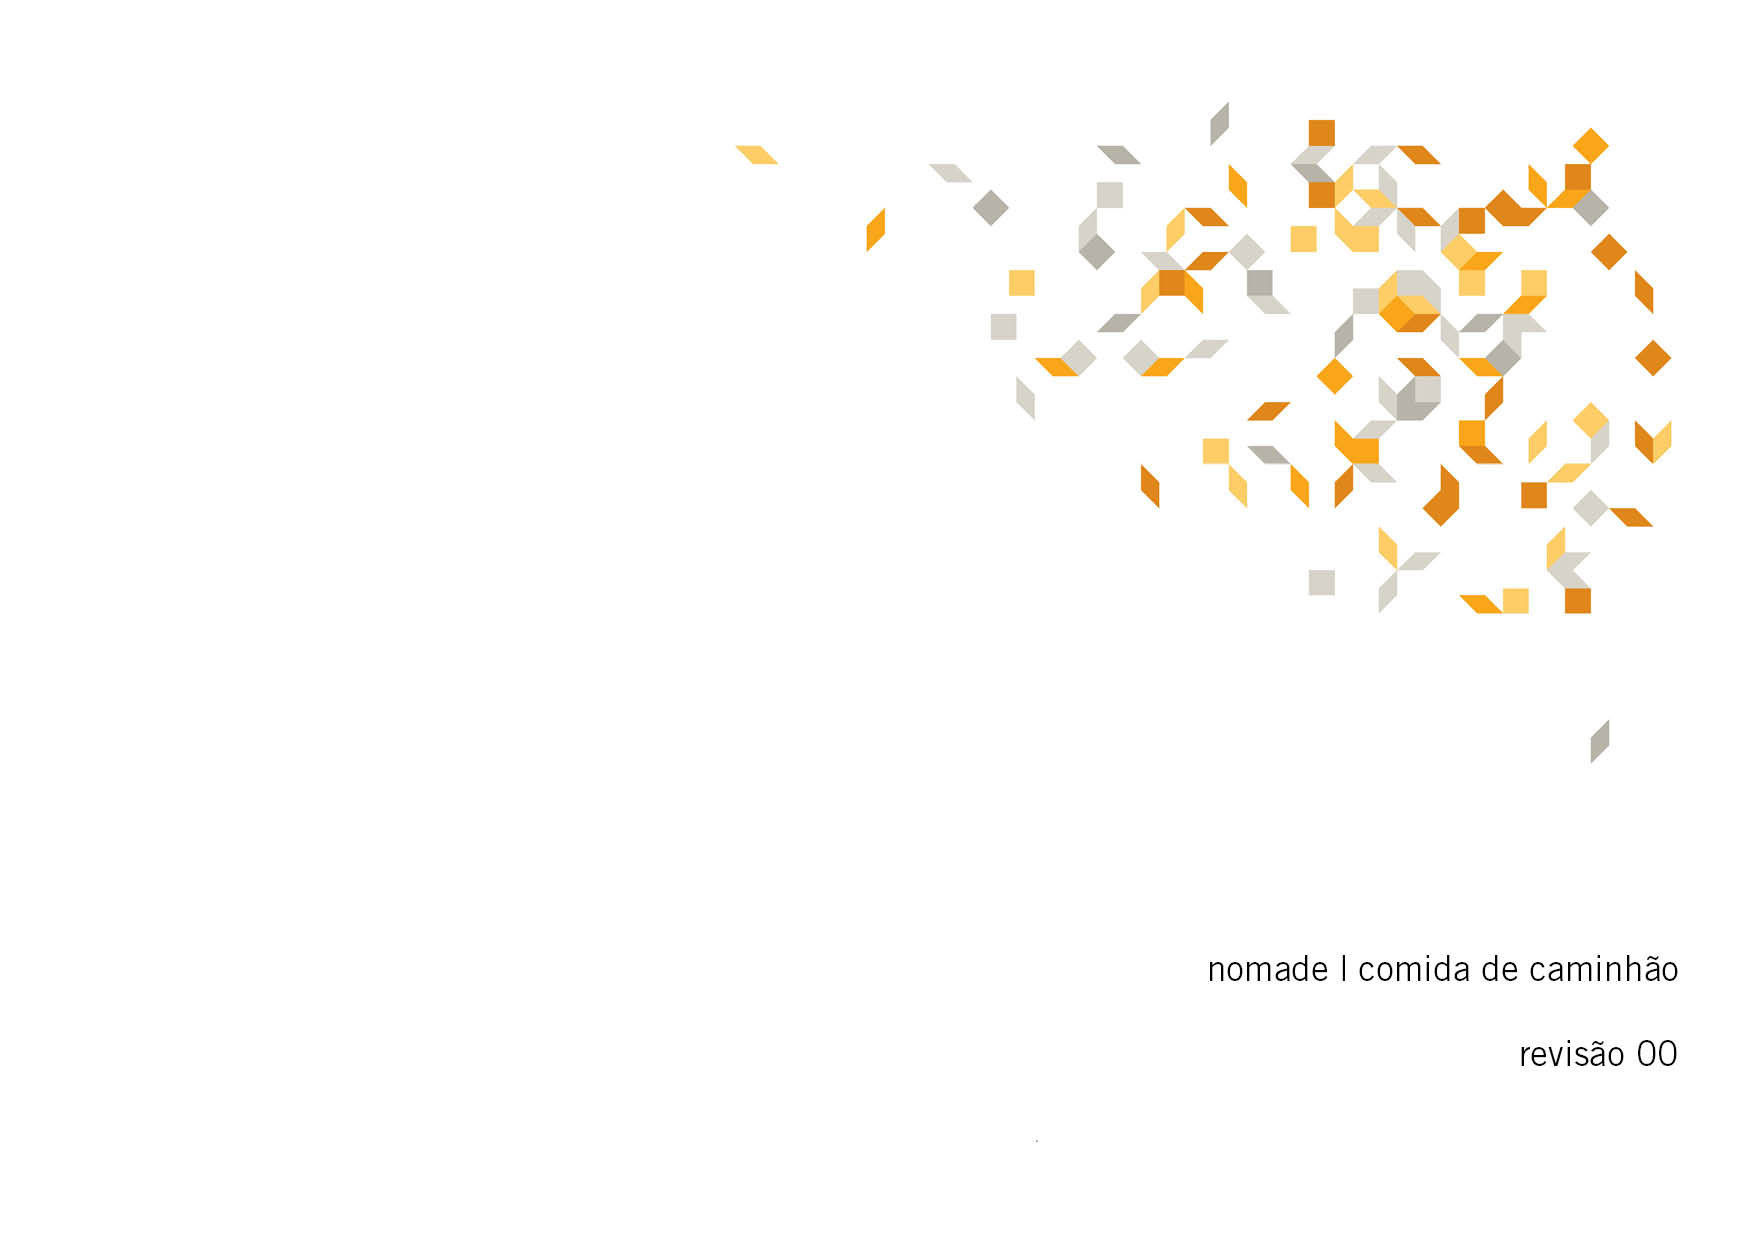 nomade_01.jpg